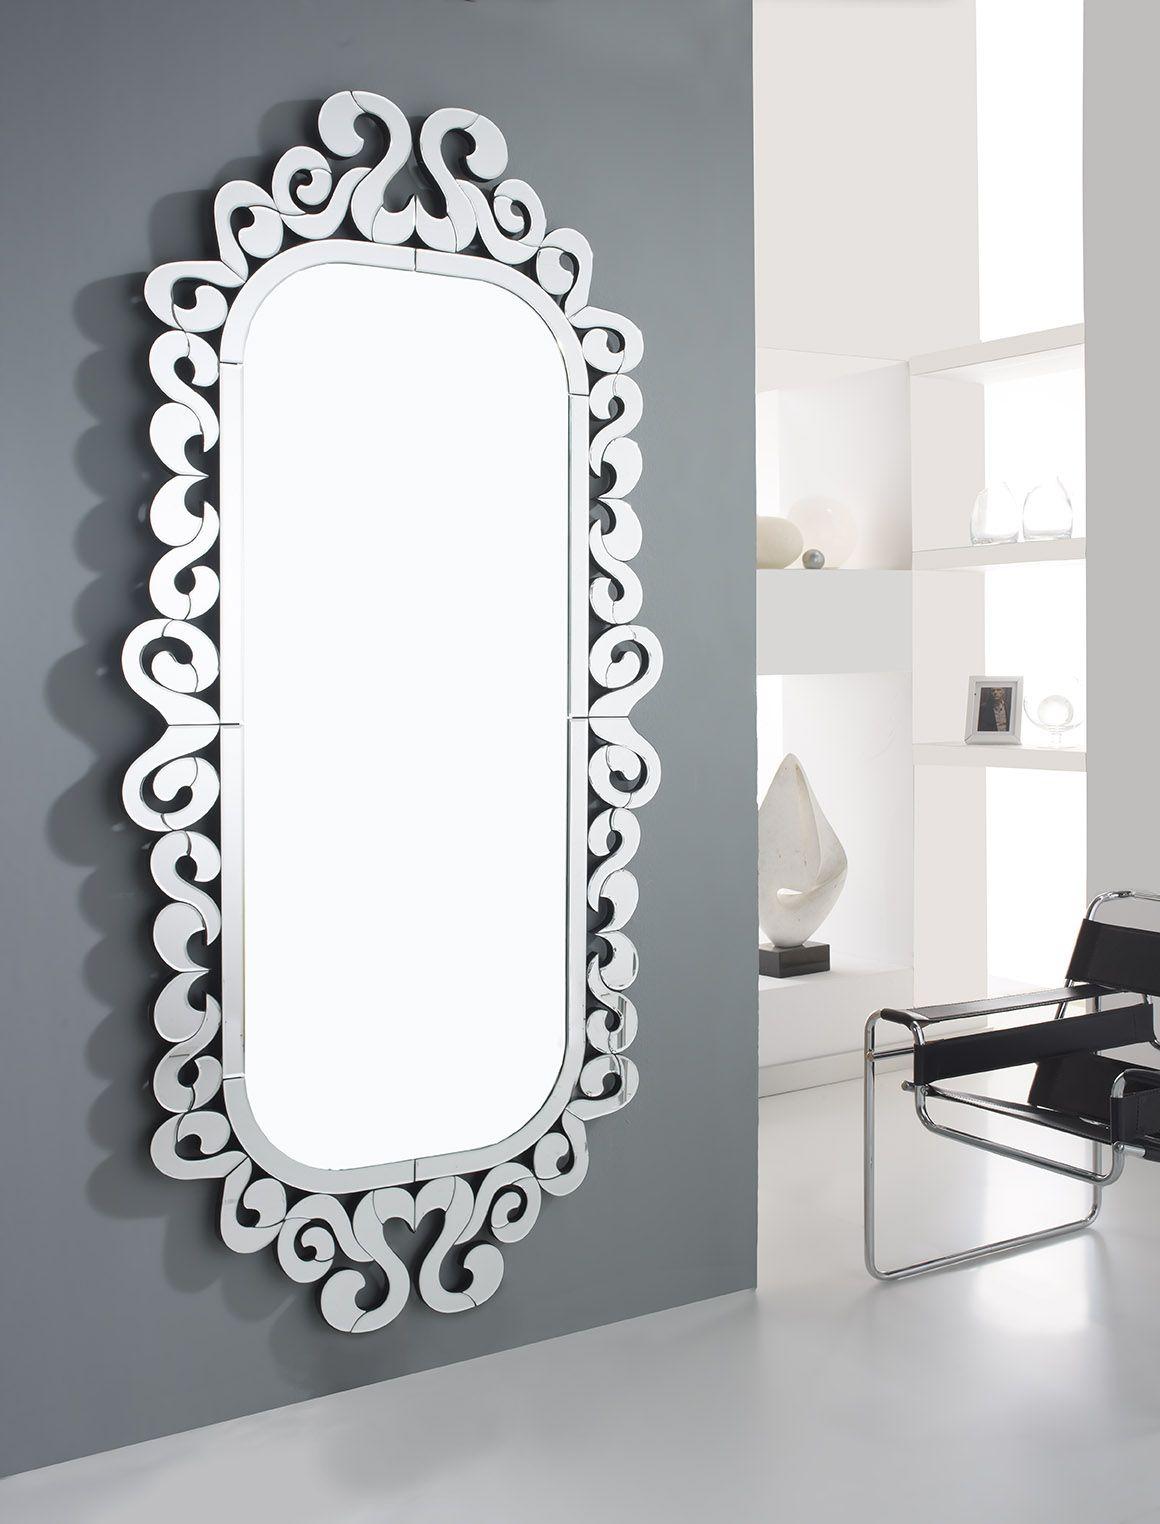 Espejo sorrento con marco de lunas biseladas soporte en for Espejos decorativos cuadrados